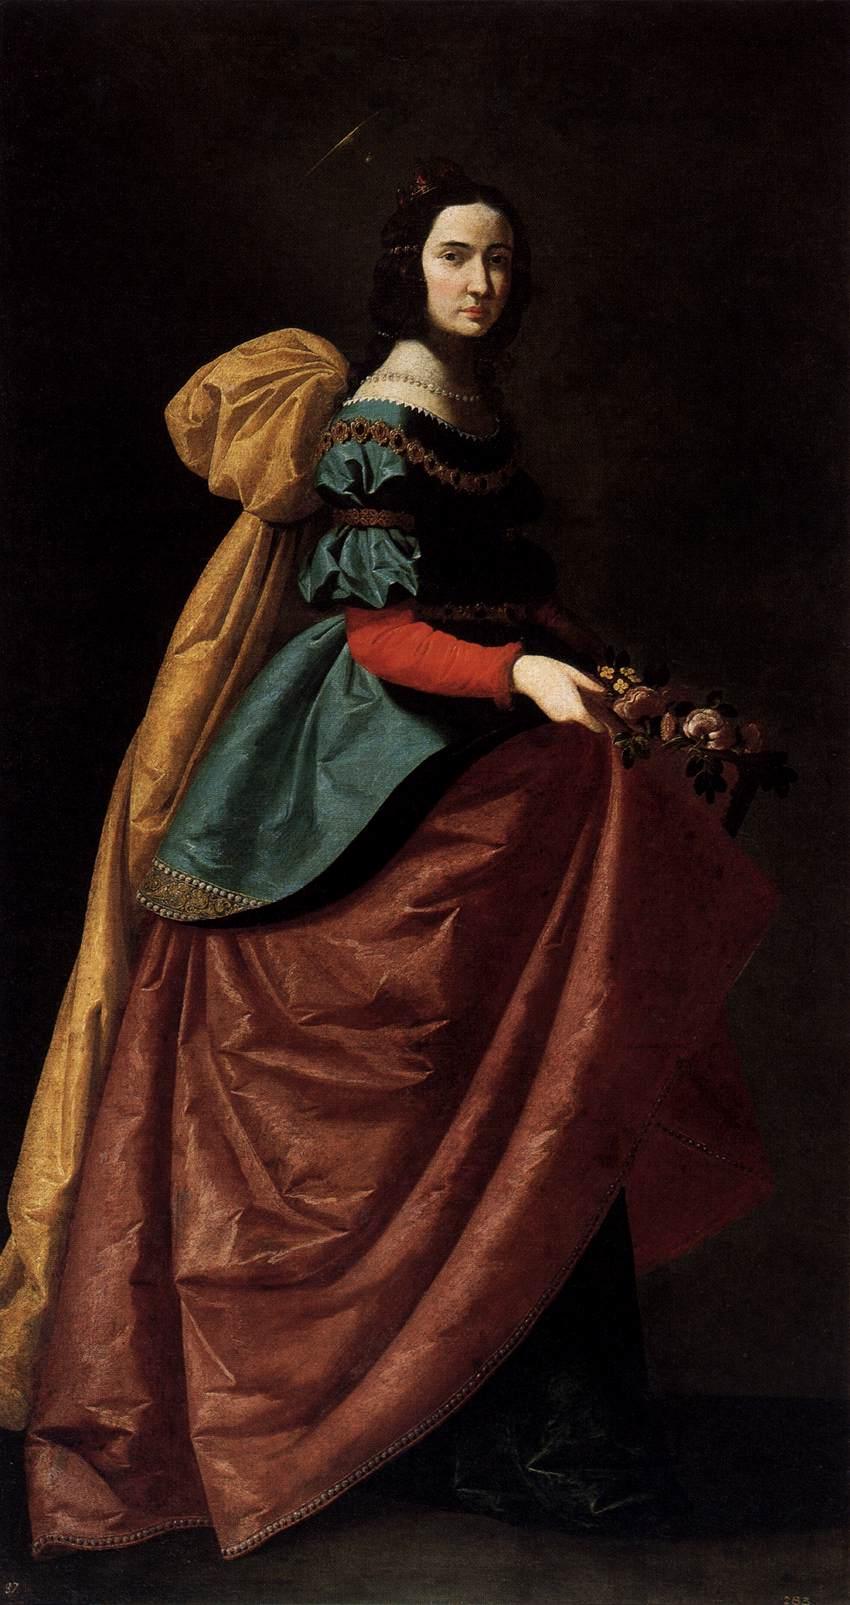 Francisco de Zurbarán: St. Elisabeth av Portugal (1640), Museo Nacional del Prado, Madrid